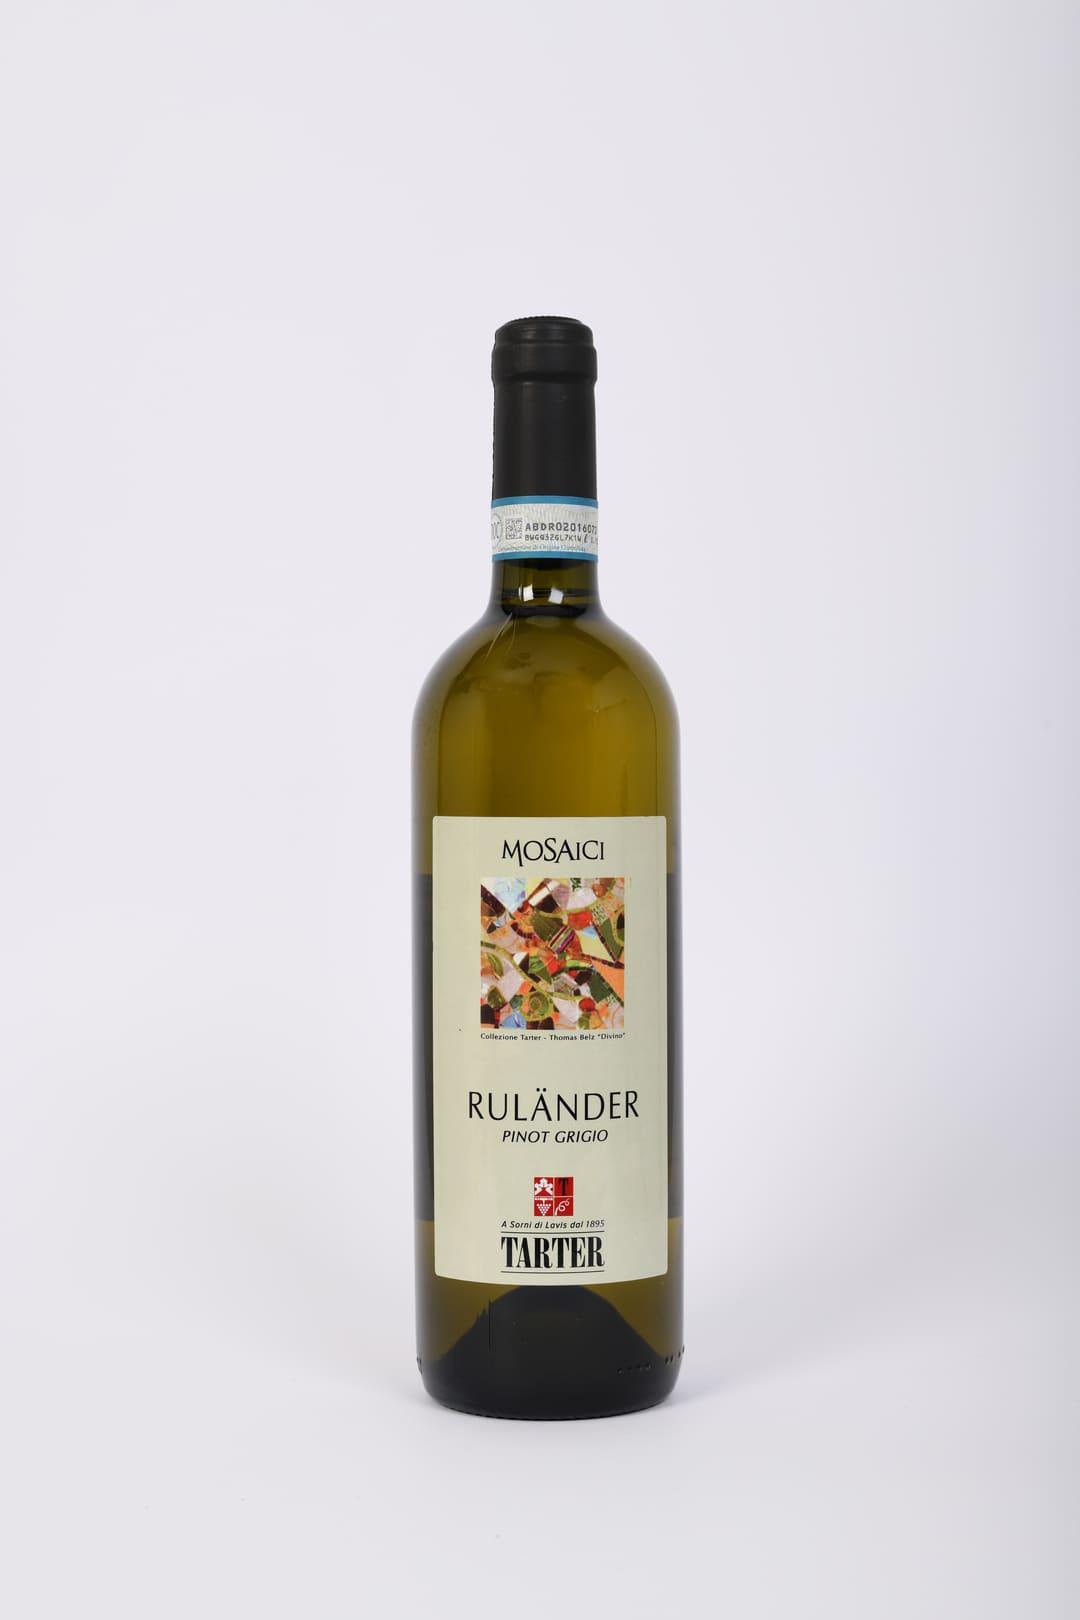 Bottiglia di vino bianco del trentino pinot grigio